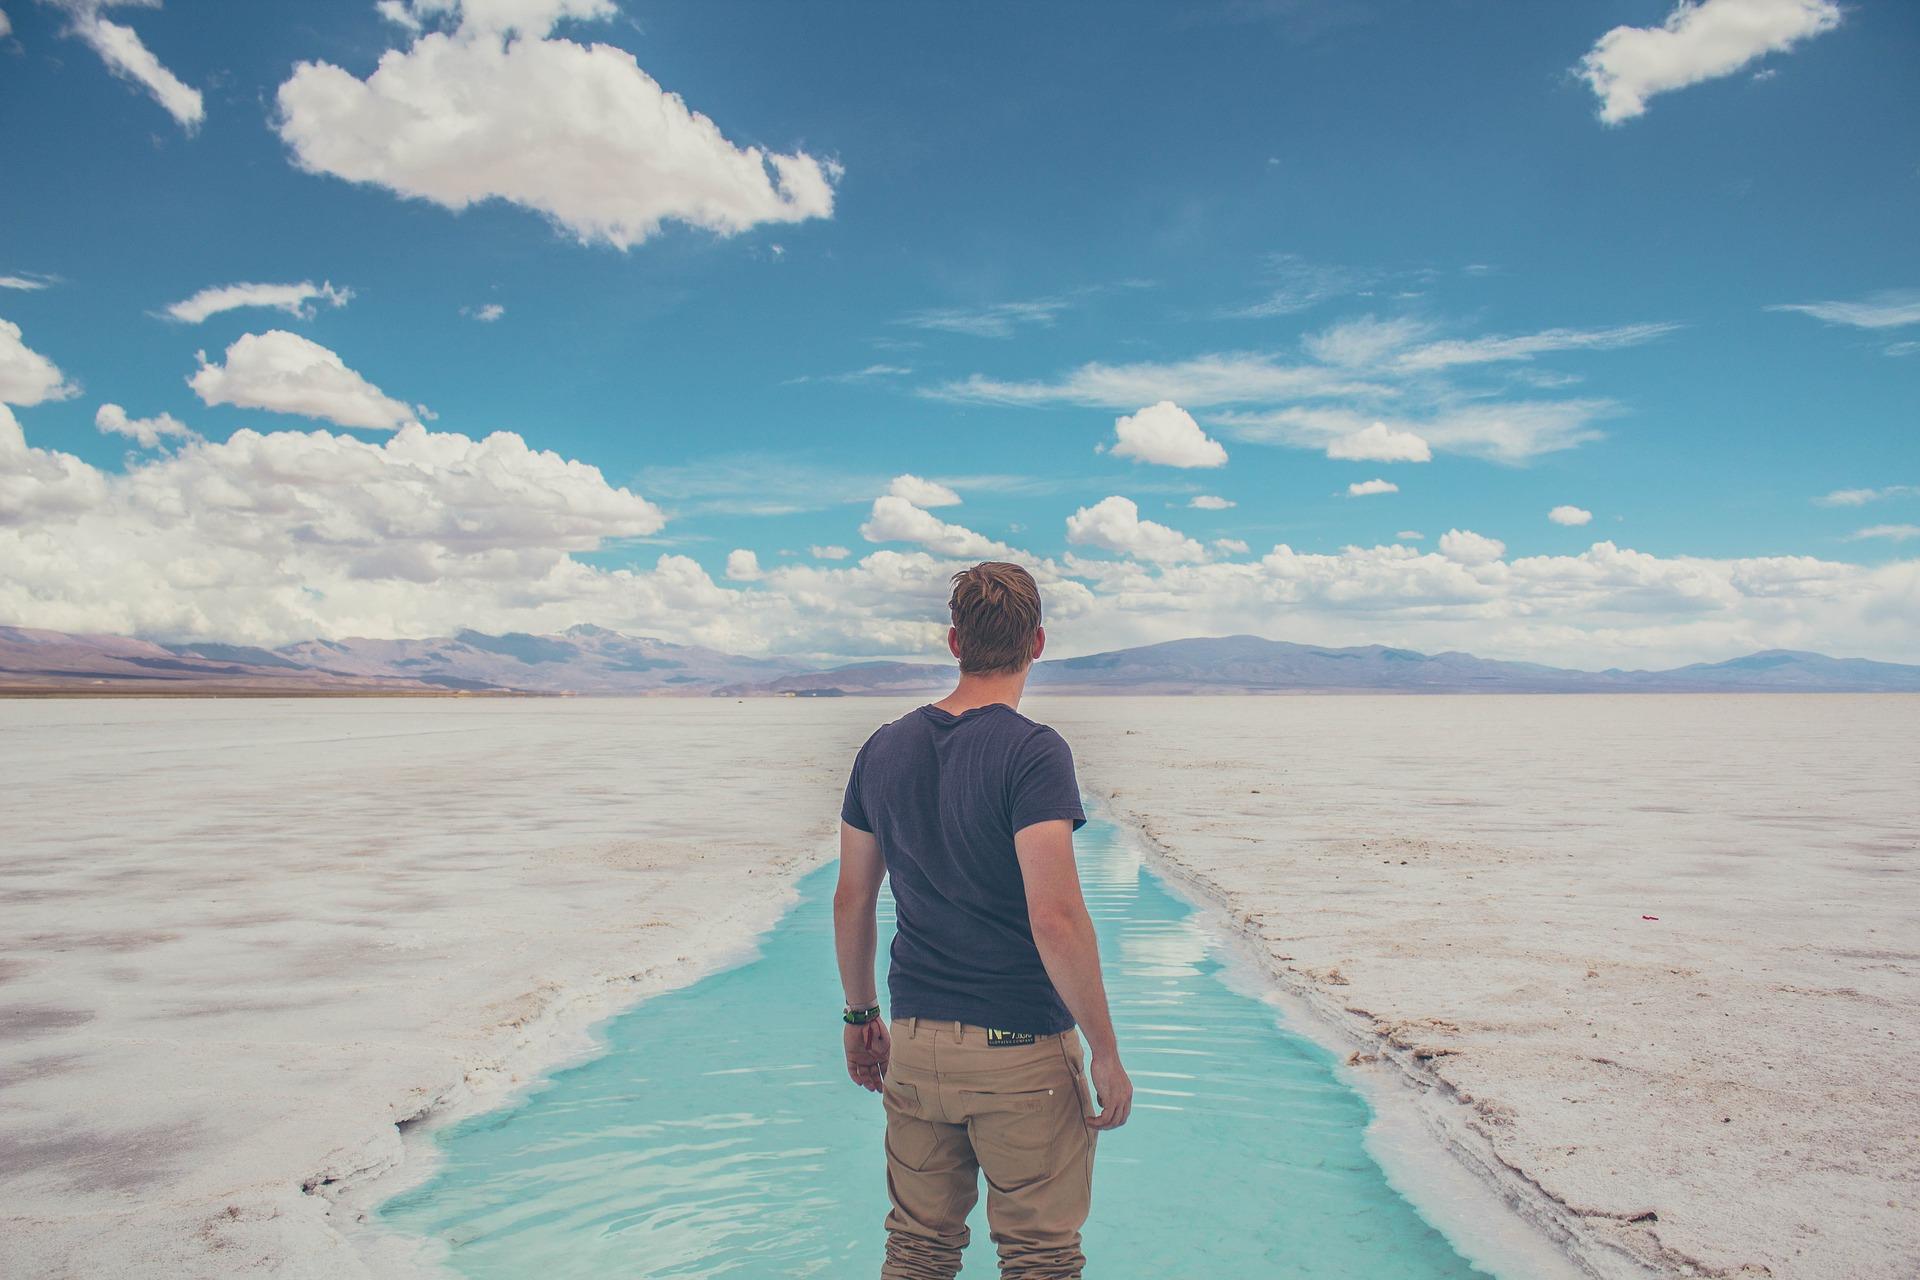 रेगिस्तान, सेलिनास, आदमी, बादल, आकाश - HD वॉलपेपर - प्रोफेसर-falken.com